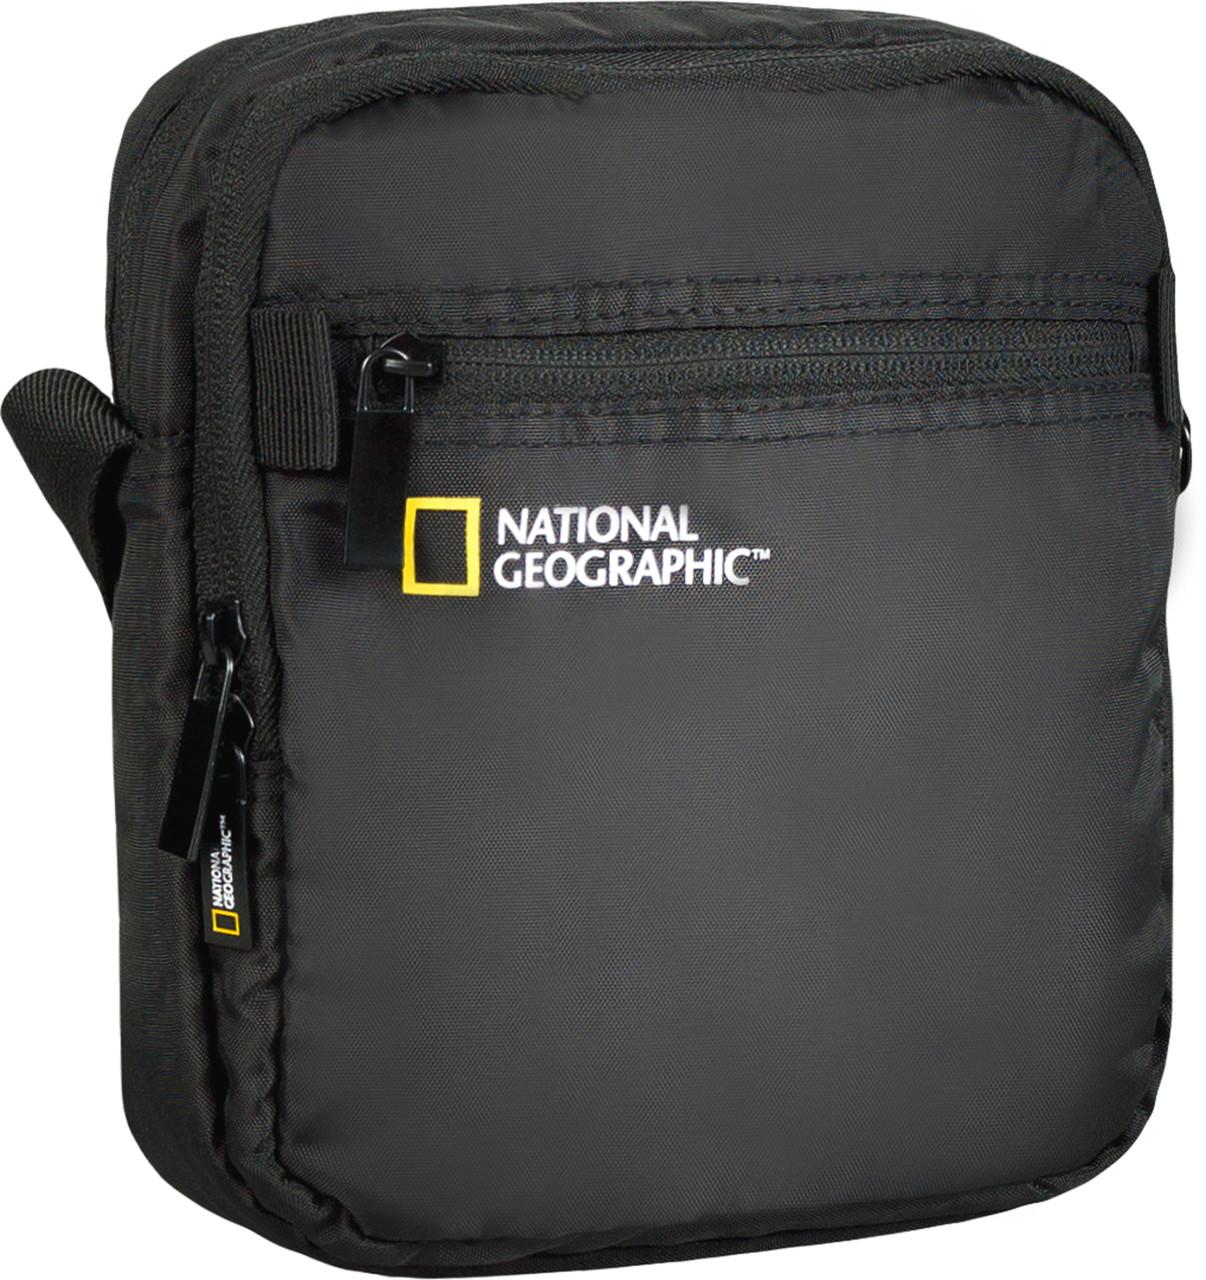 240f5a4852bf Сумка повседневная National Geographic Transform N13204;06 - SUPERSUMKA  интернет магазин в Киеве